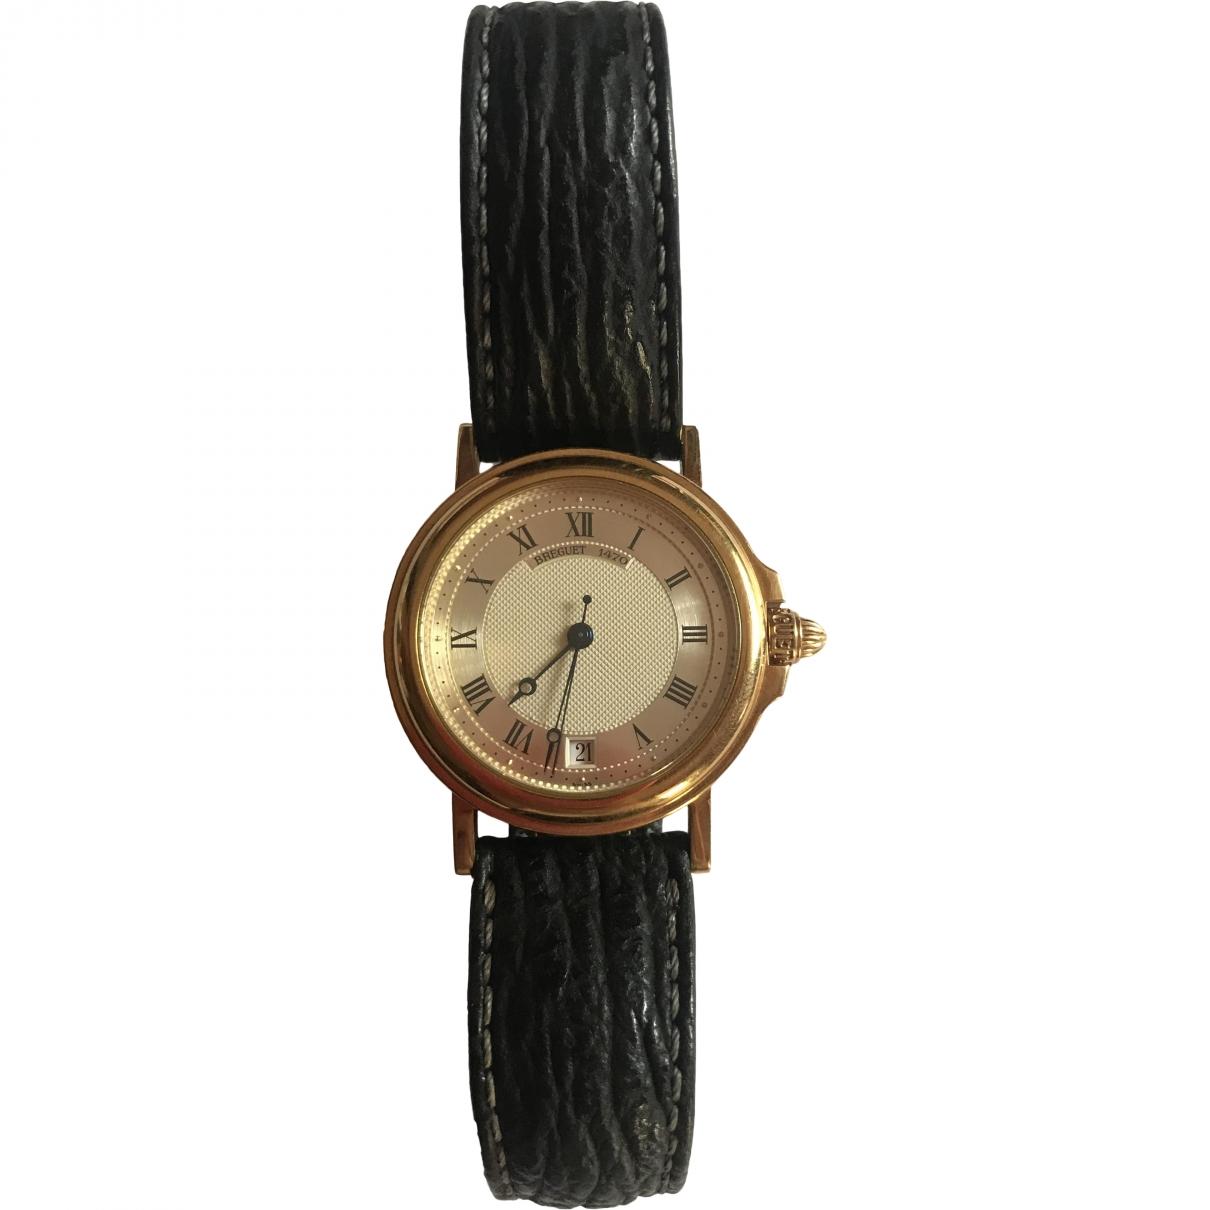 Breguet - Montre Marine Grande Date pour homme en or jaune - noir